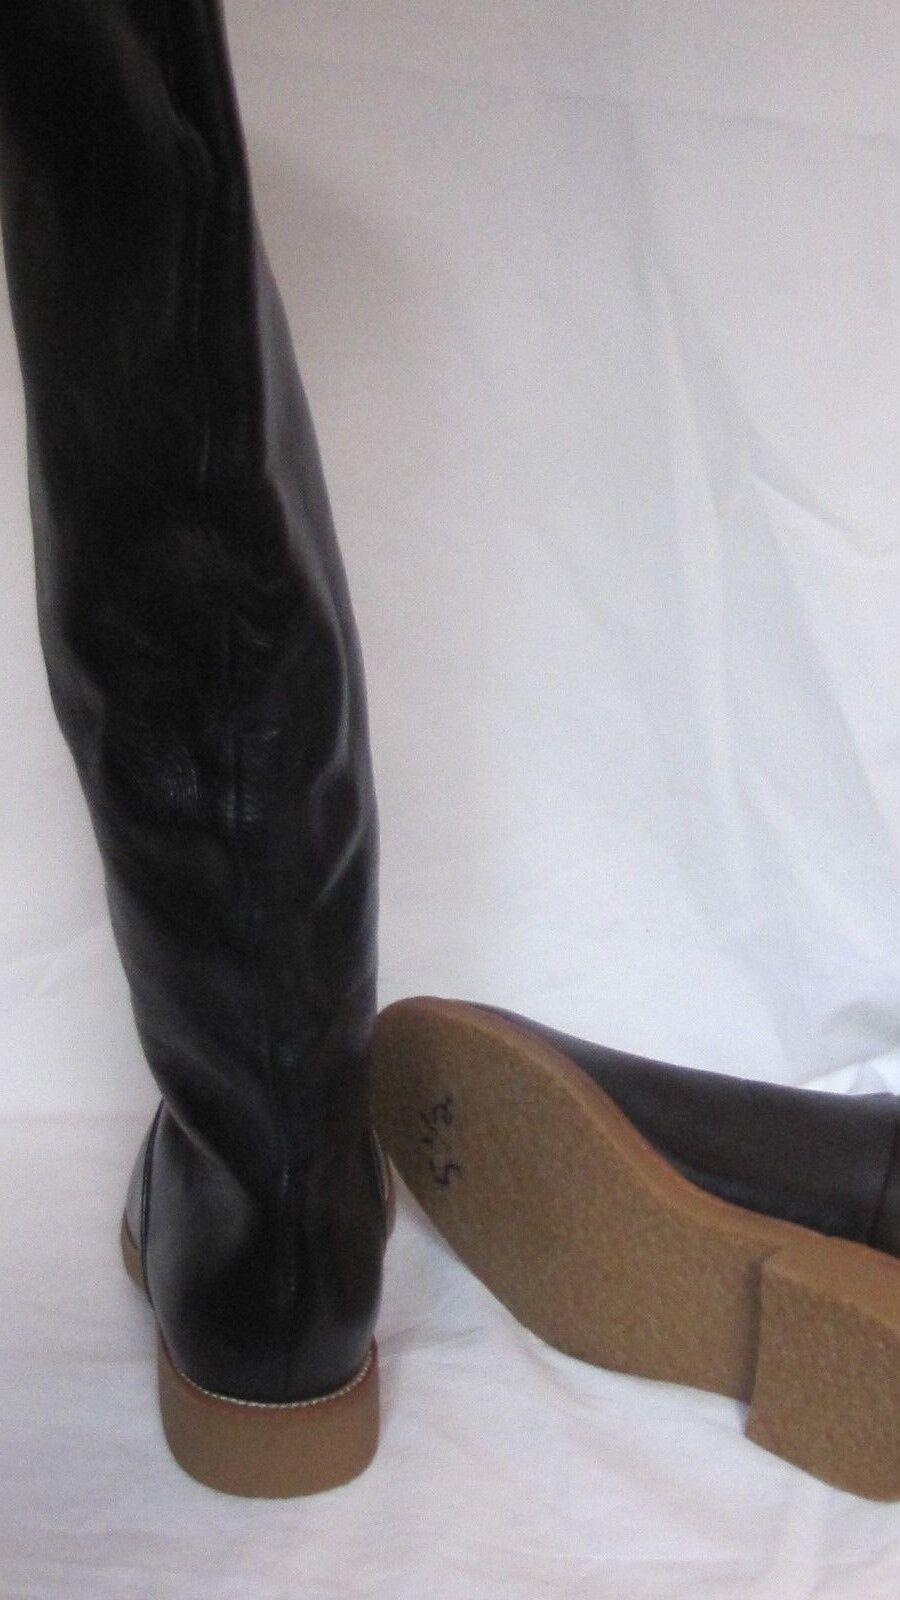 7 For All Mankind MUJER botas Cuero Negro Darby Zapatos botas MUJER de Invierno 5.5 9252e5